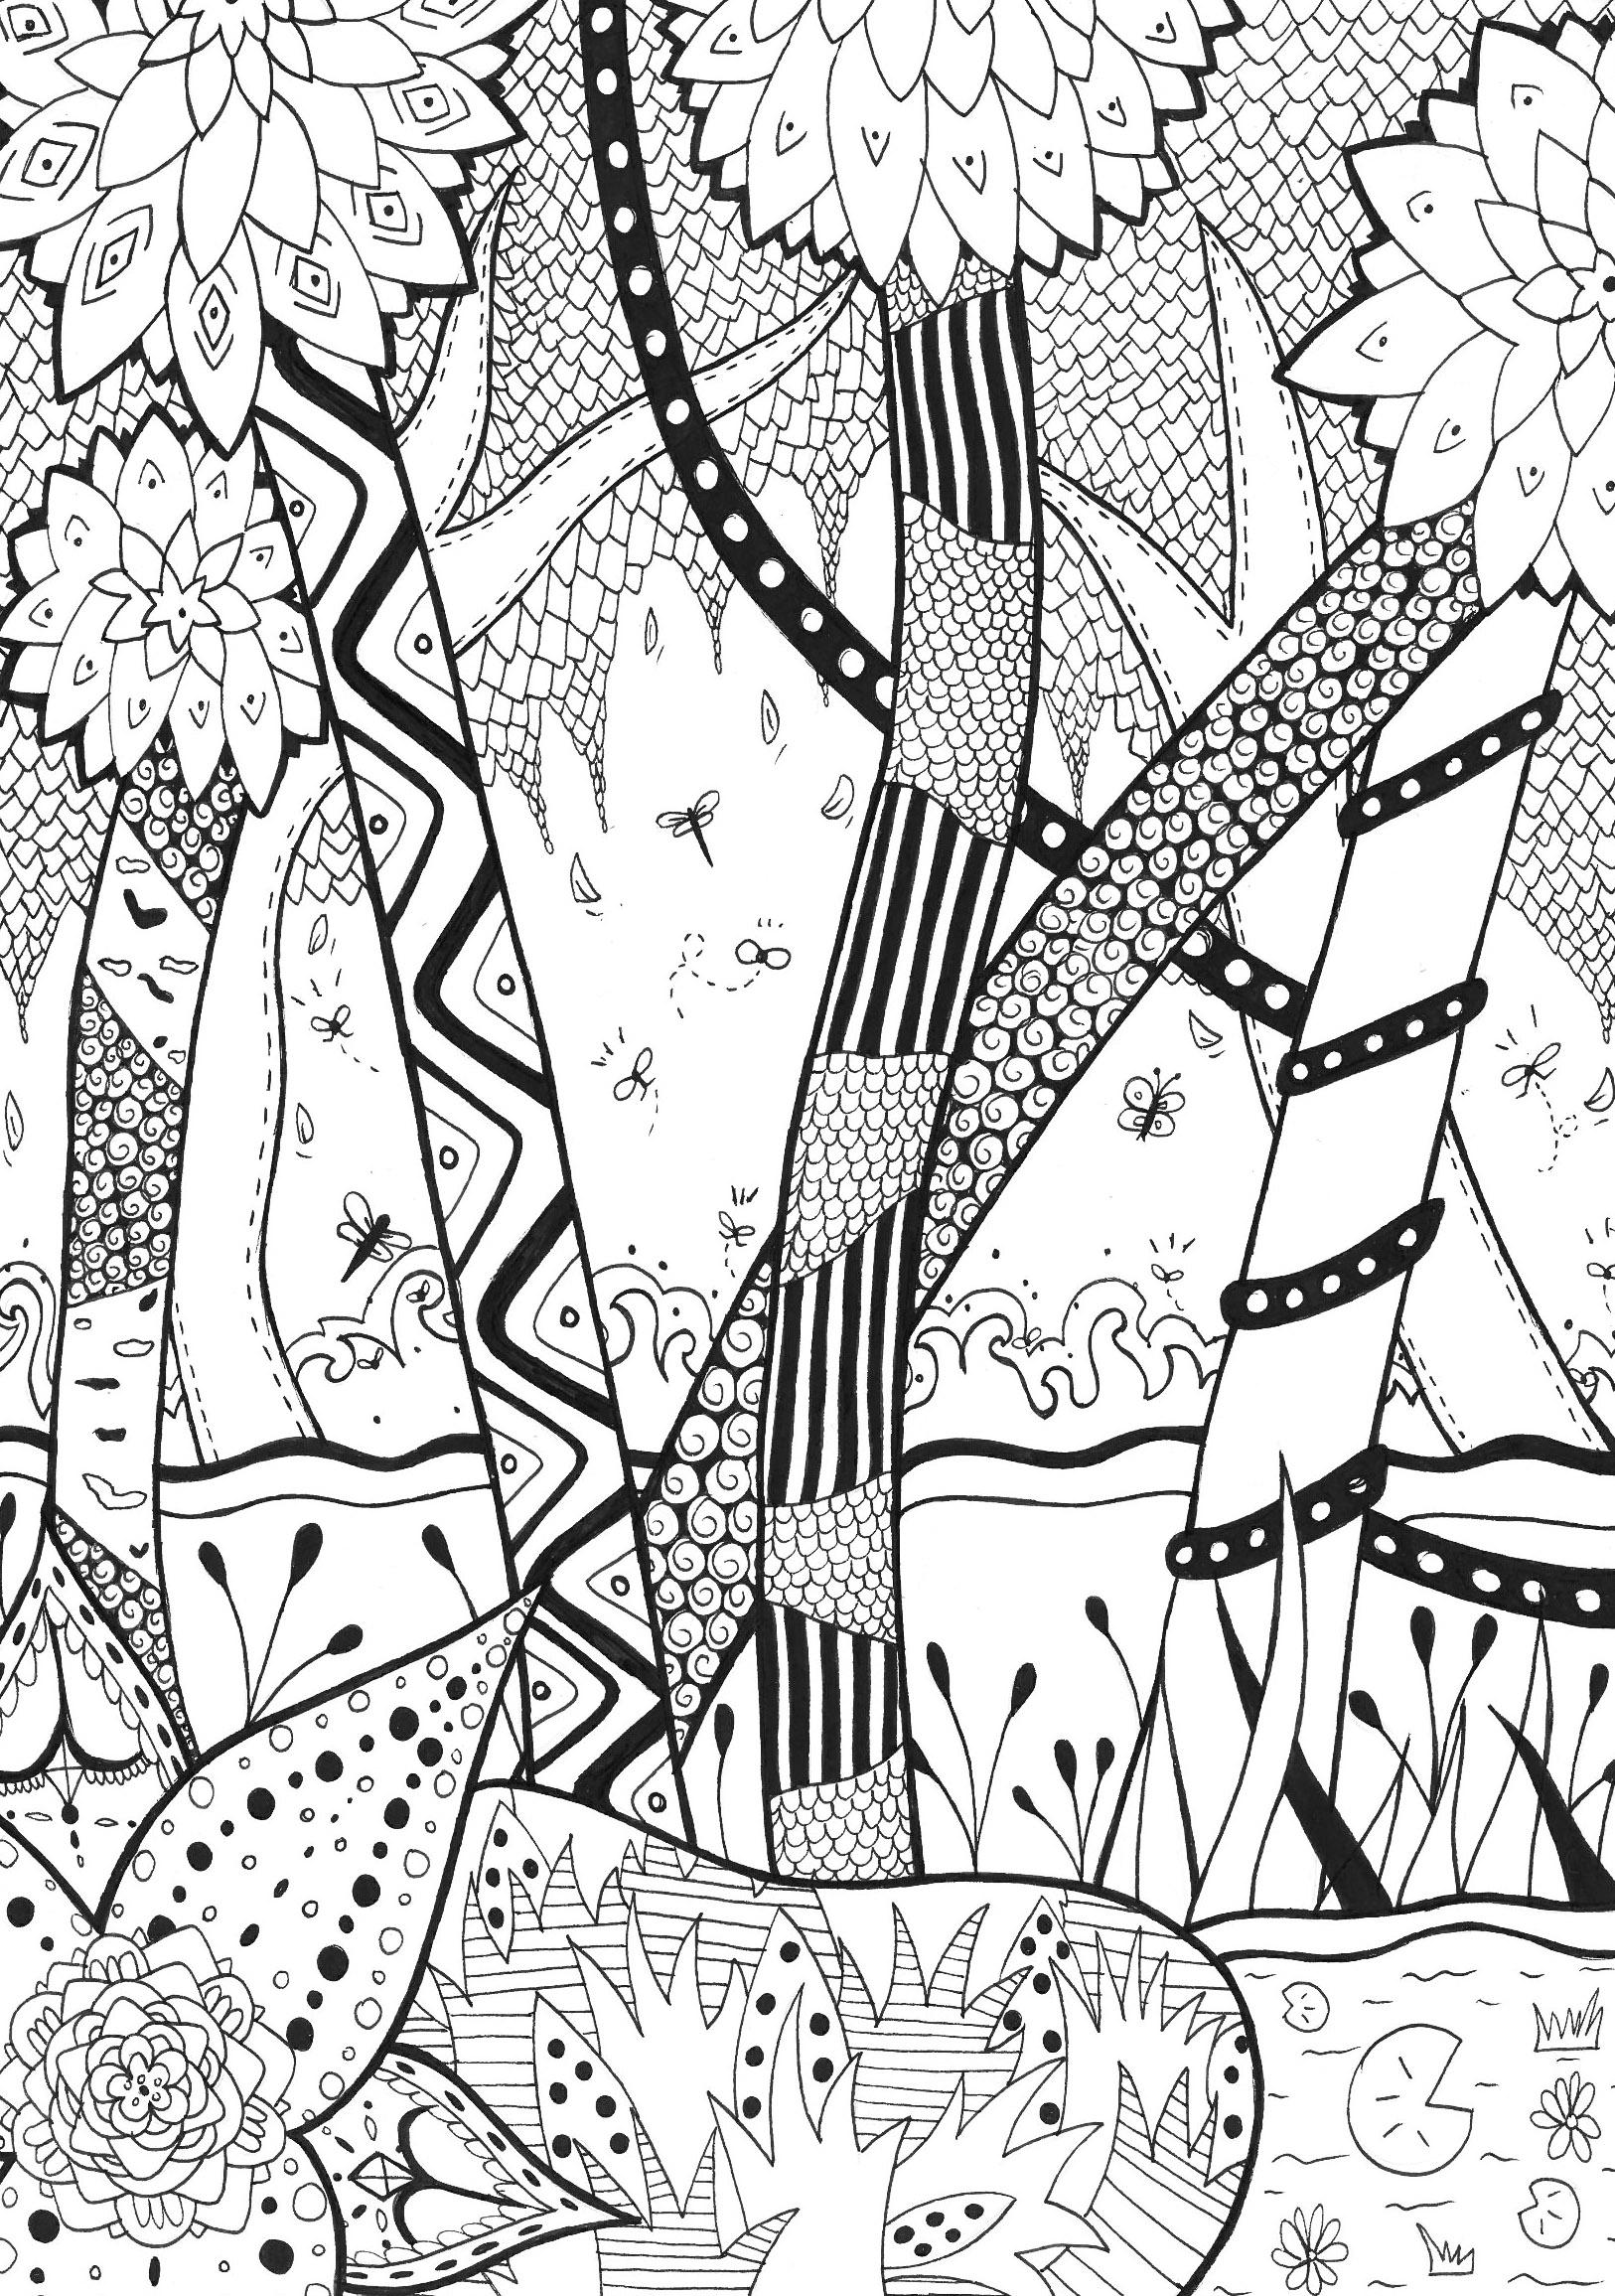 Disegni da colorare per adulti : Giungla e foresta - 7